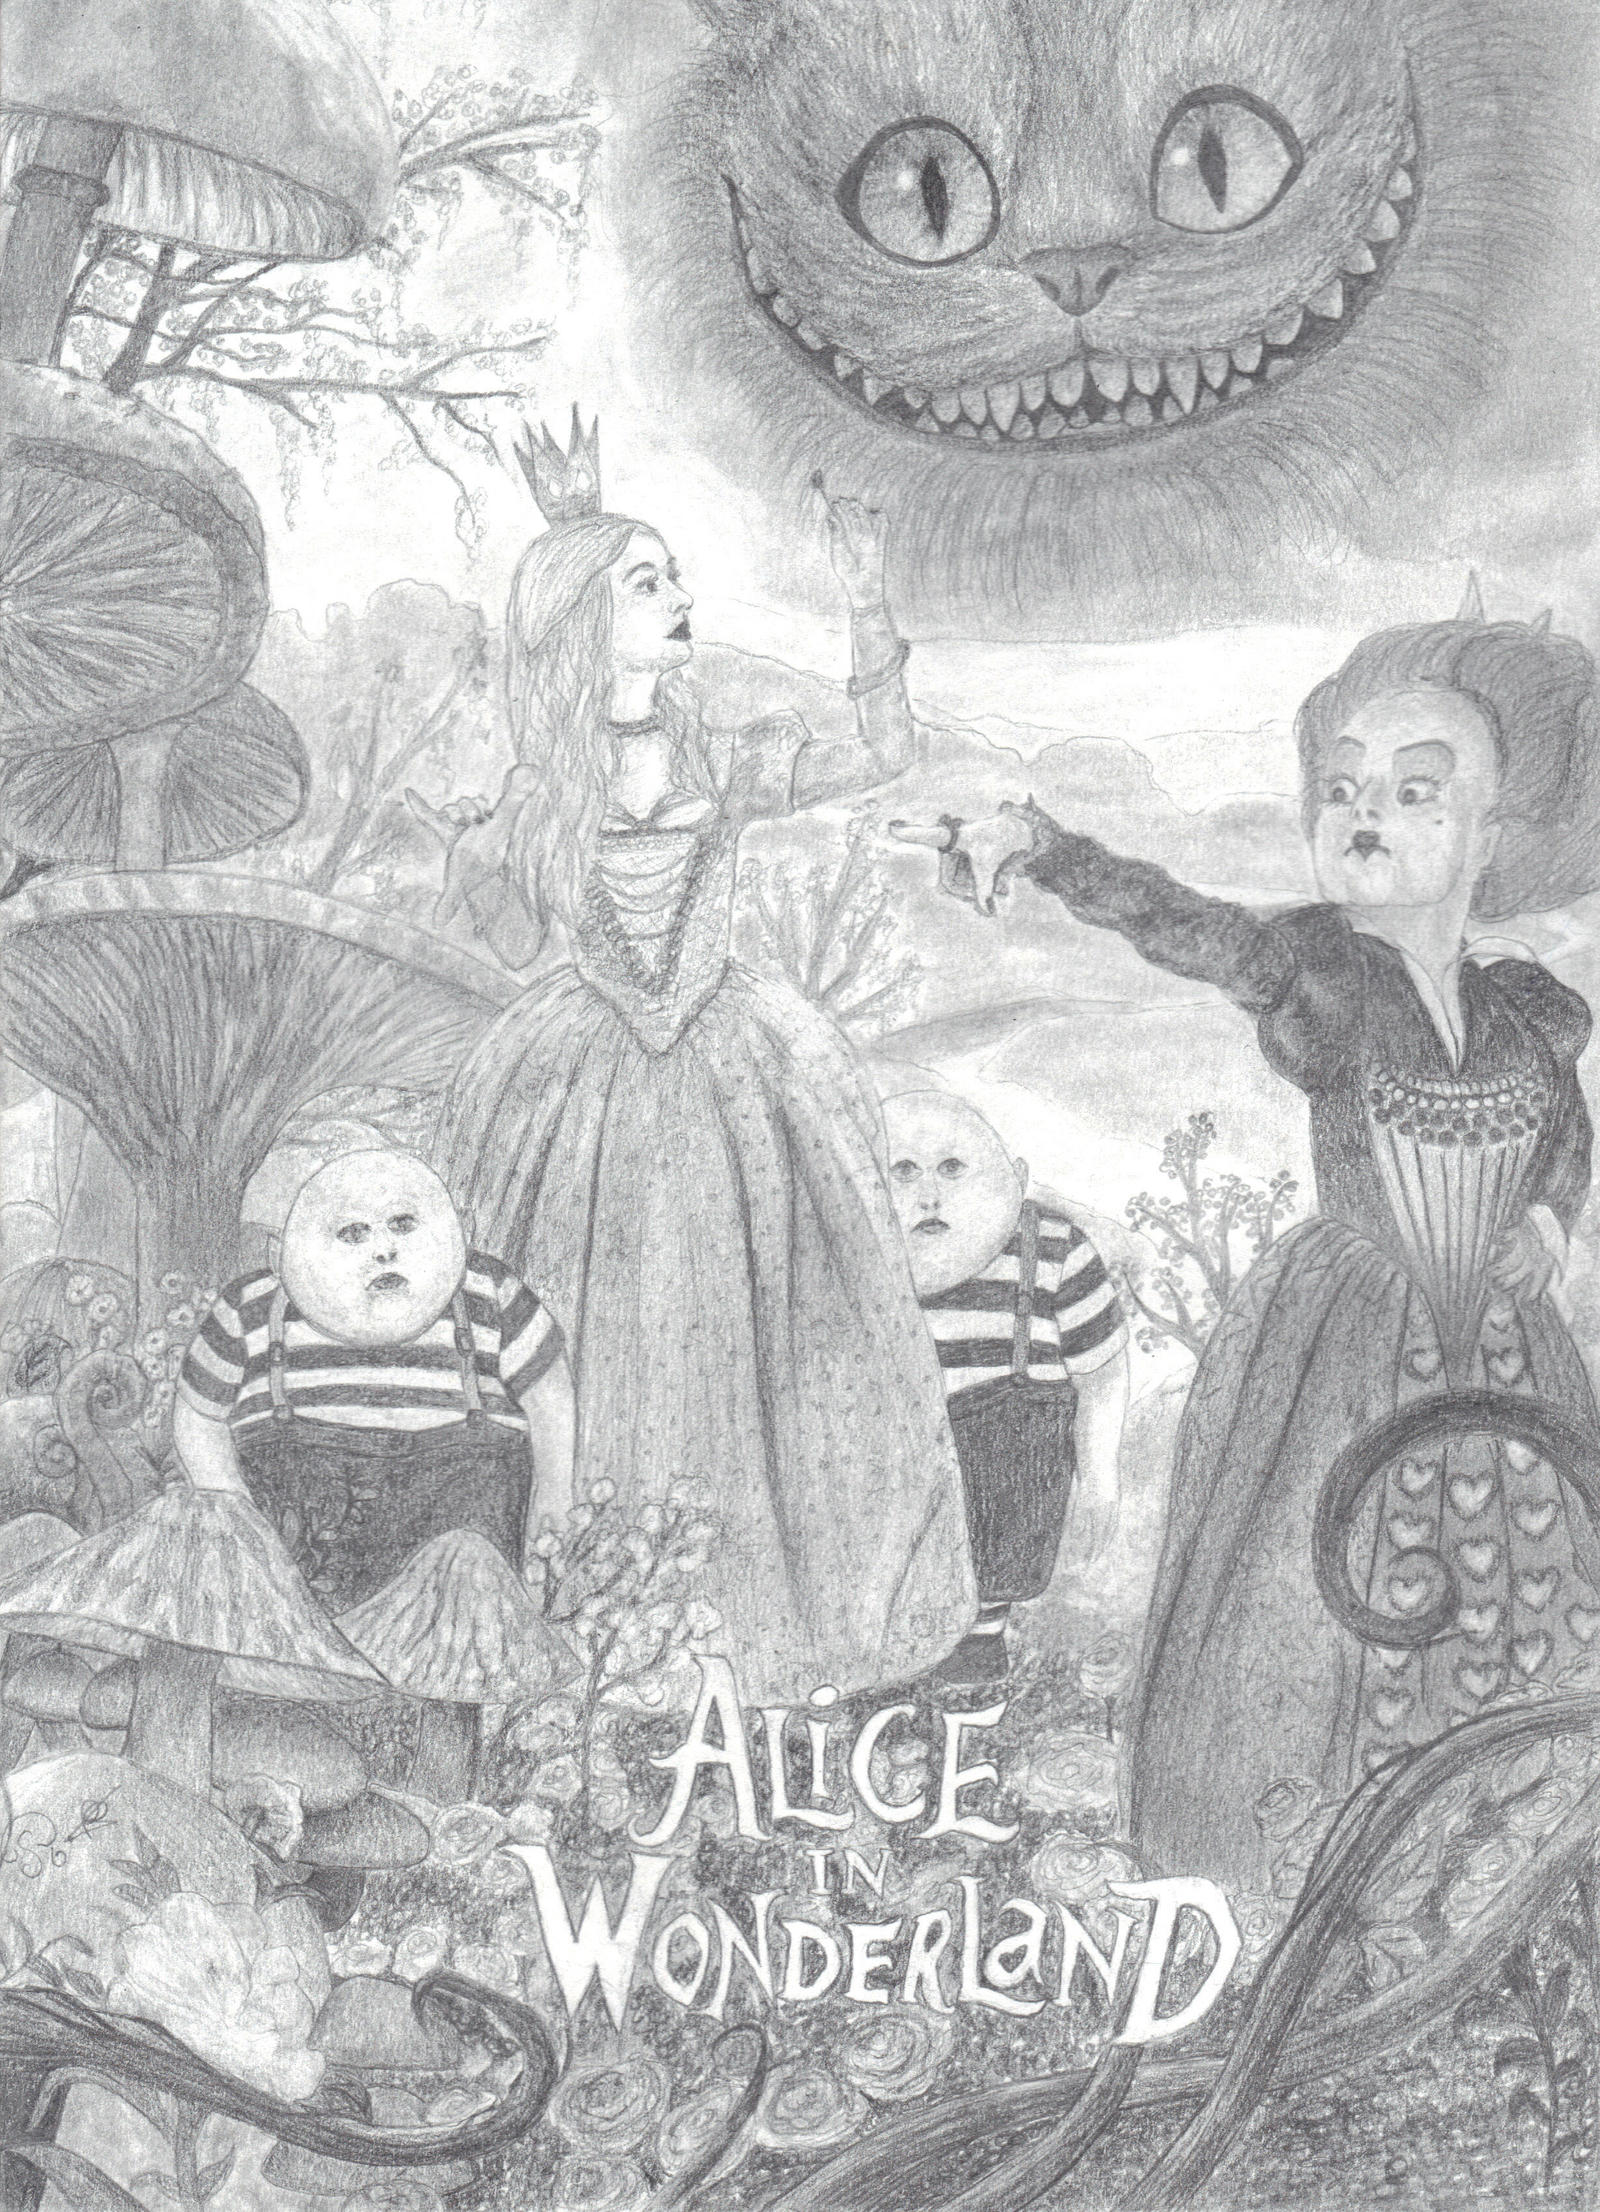 Uncategorized Drawings Of Alice In Wonderland alice in wonderland part 1 by one film drawing on deviantart drawing